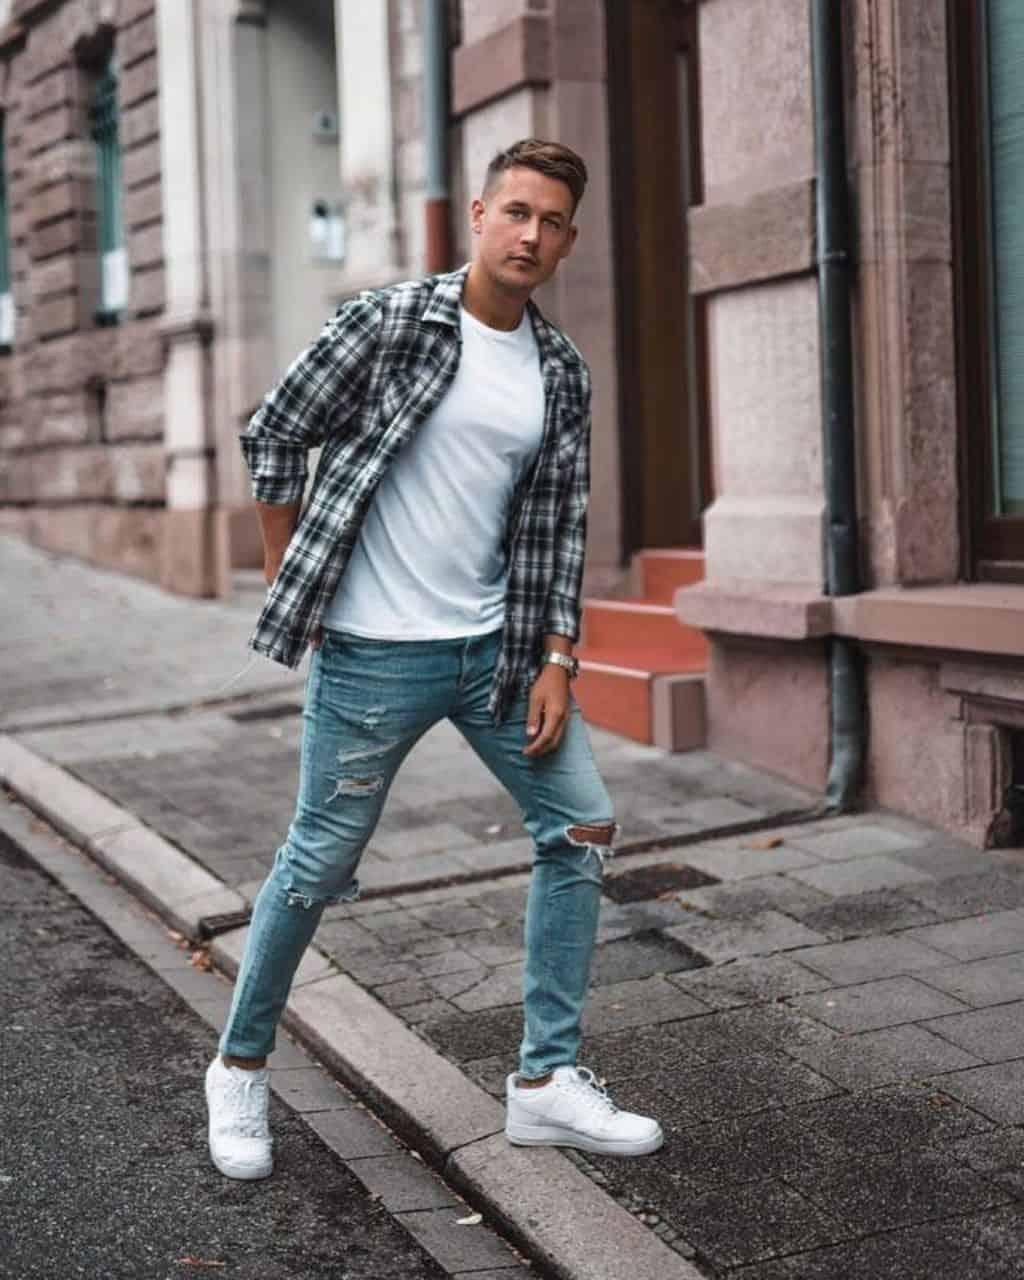 Phối Sneaker với quần jean dài, áo sơ mi khoác ngoài